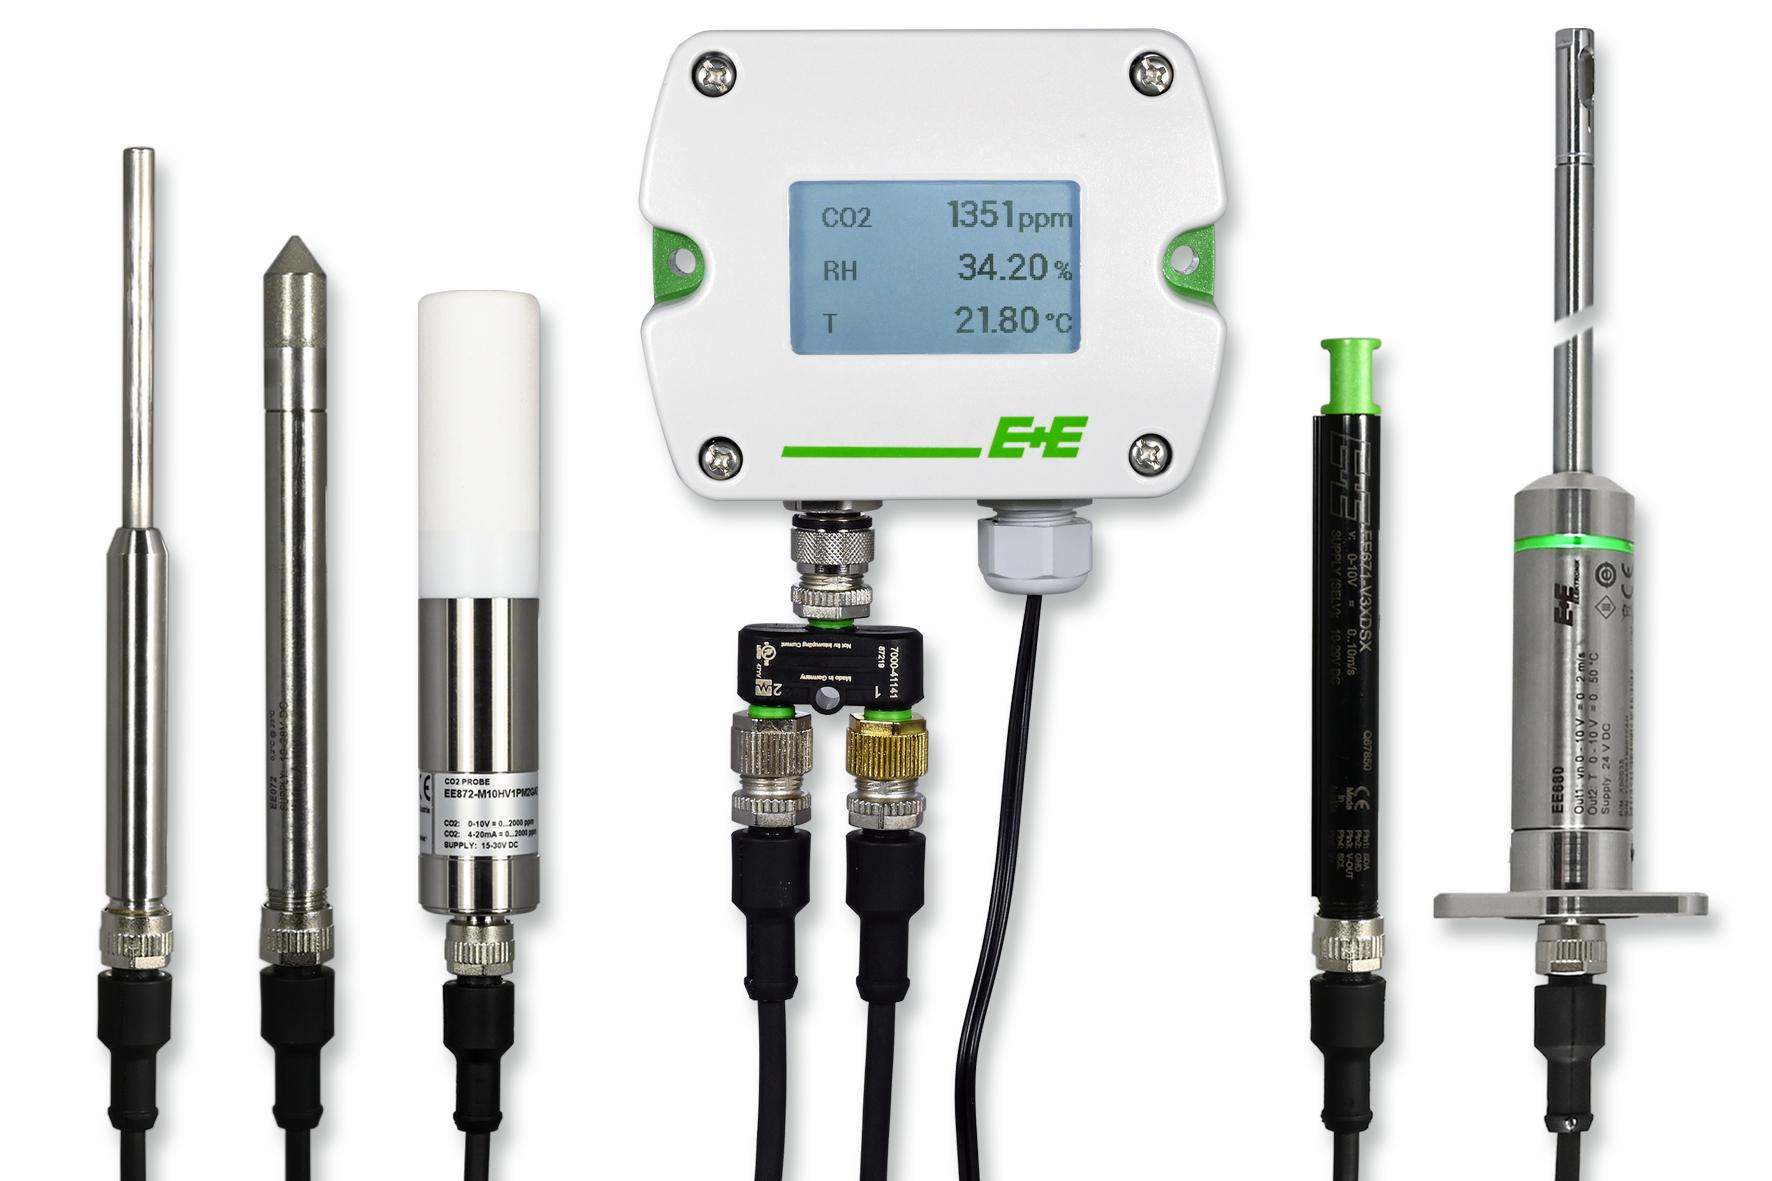 E+E Sigma 05 is een modulair sensor platform met verwisselbare meetvoelers voor de parameters: Relatieve vochtigheid, Temperatuur, CO2 en Luchtsnelheid.